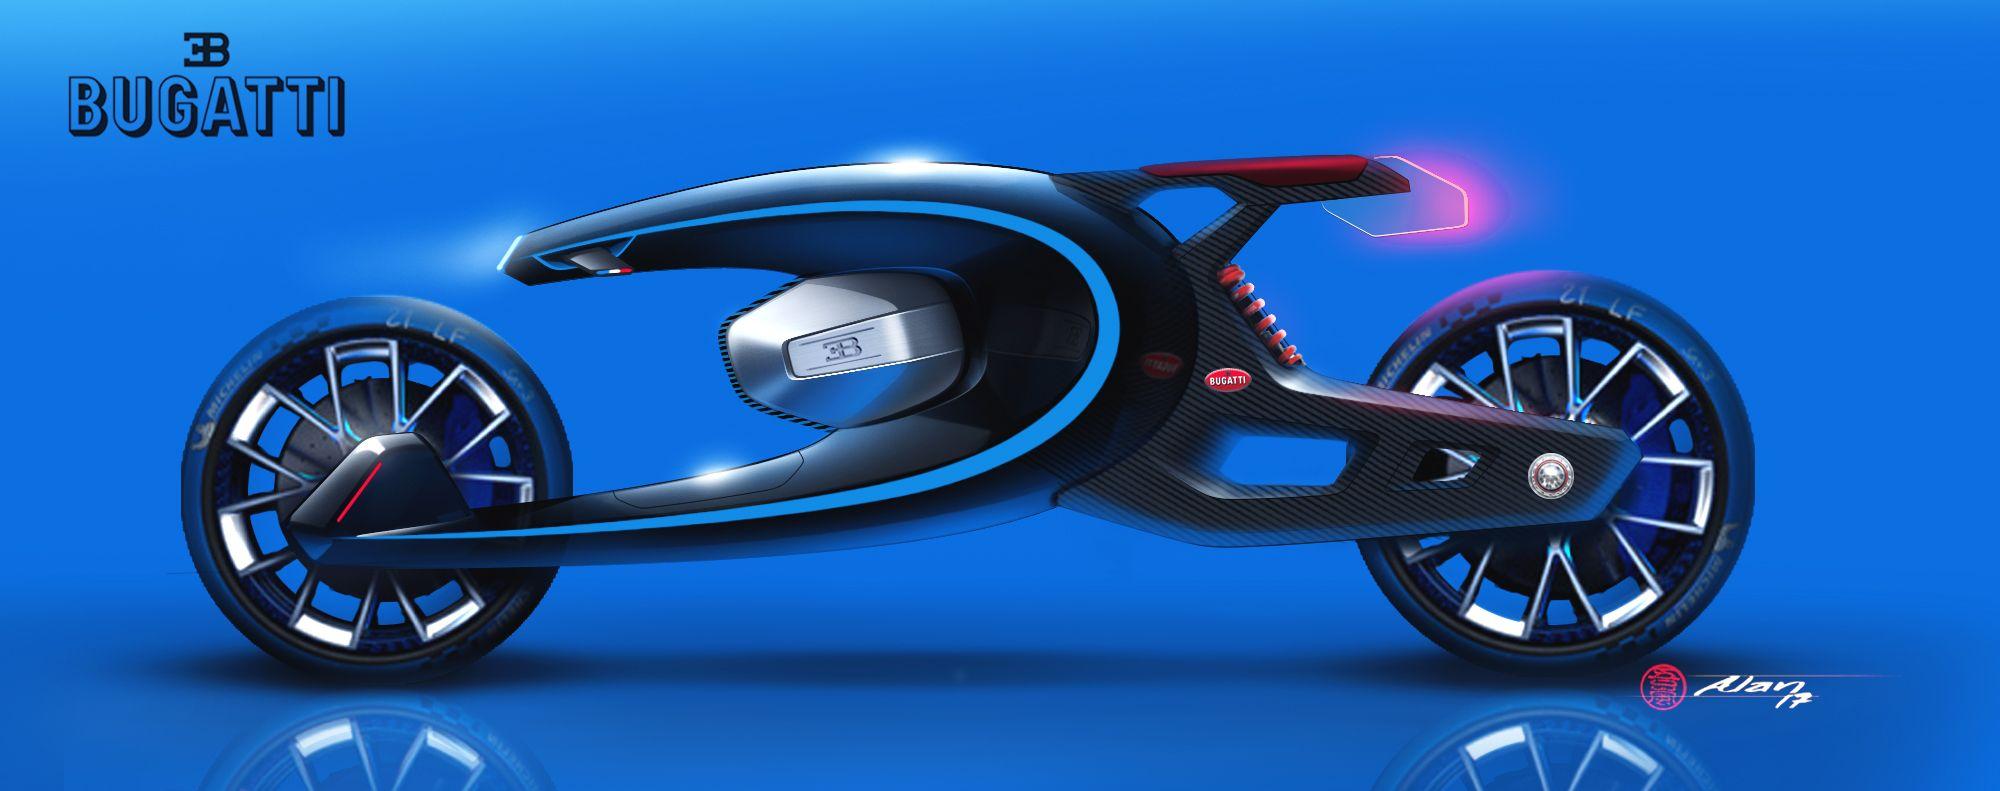 Alan Derosier Bugatti Bike Challenge Hot Sketches Pinterest